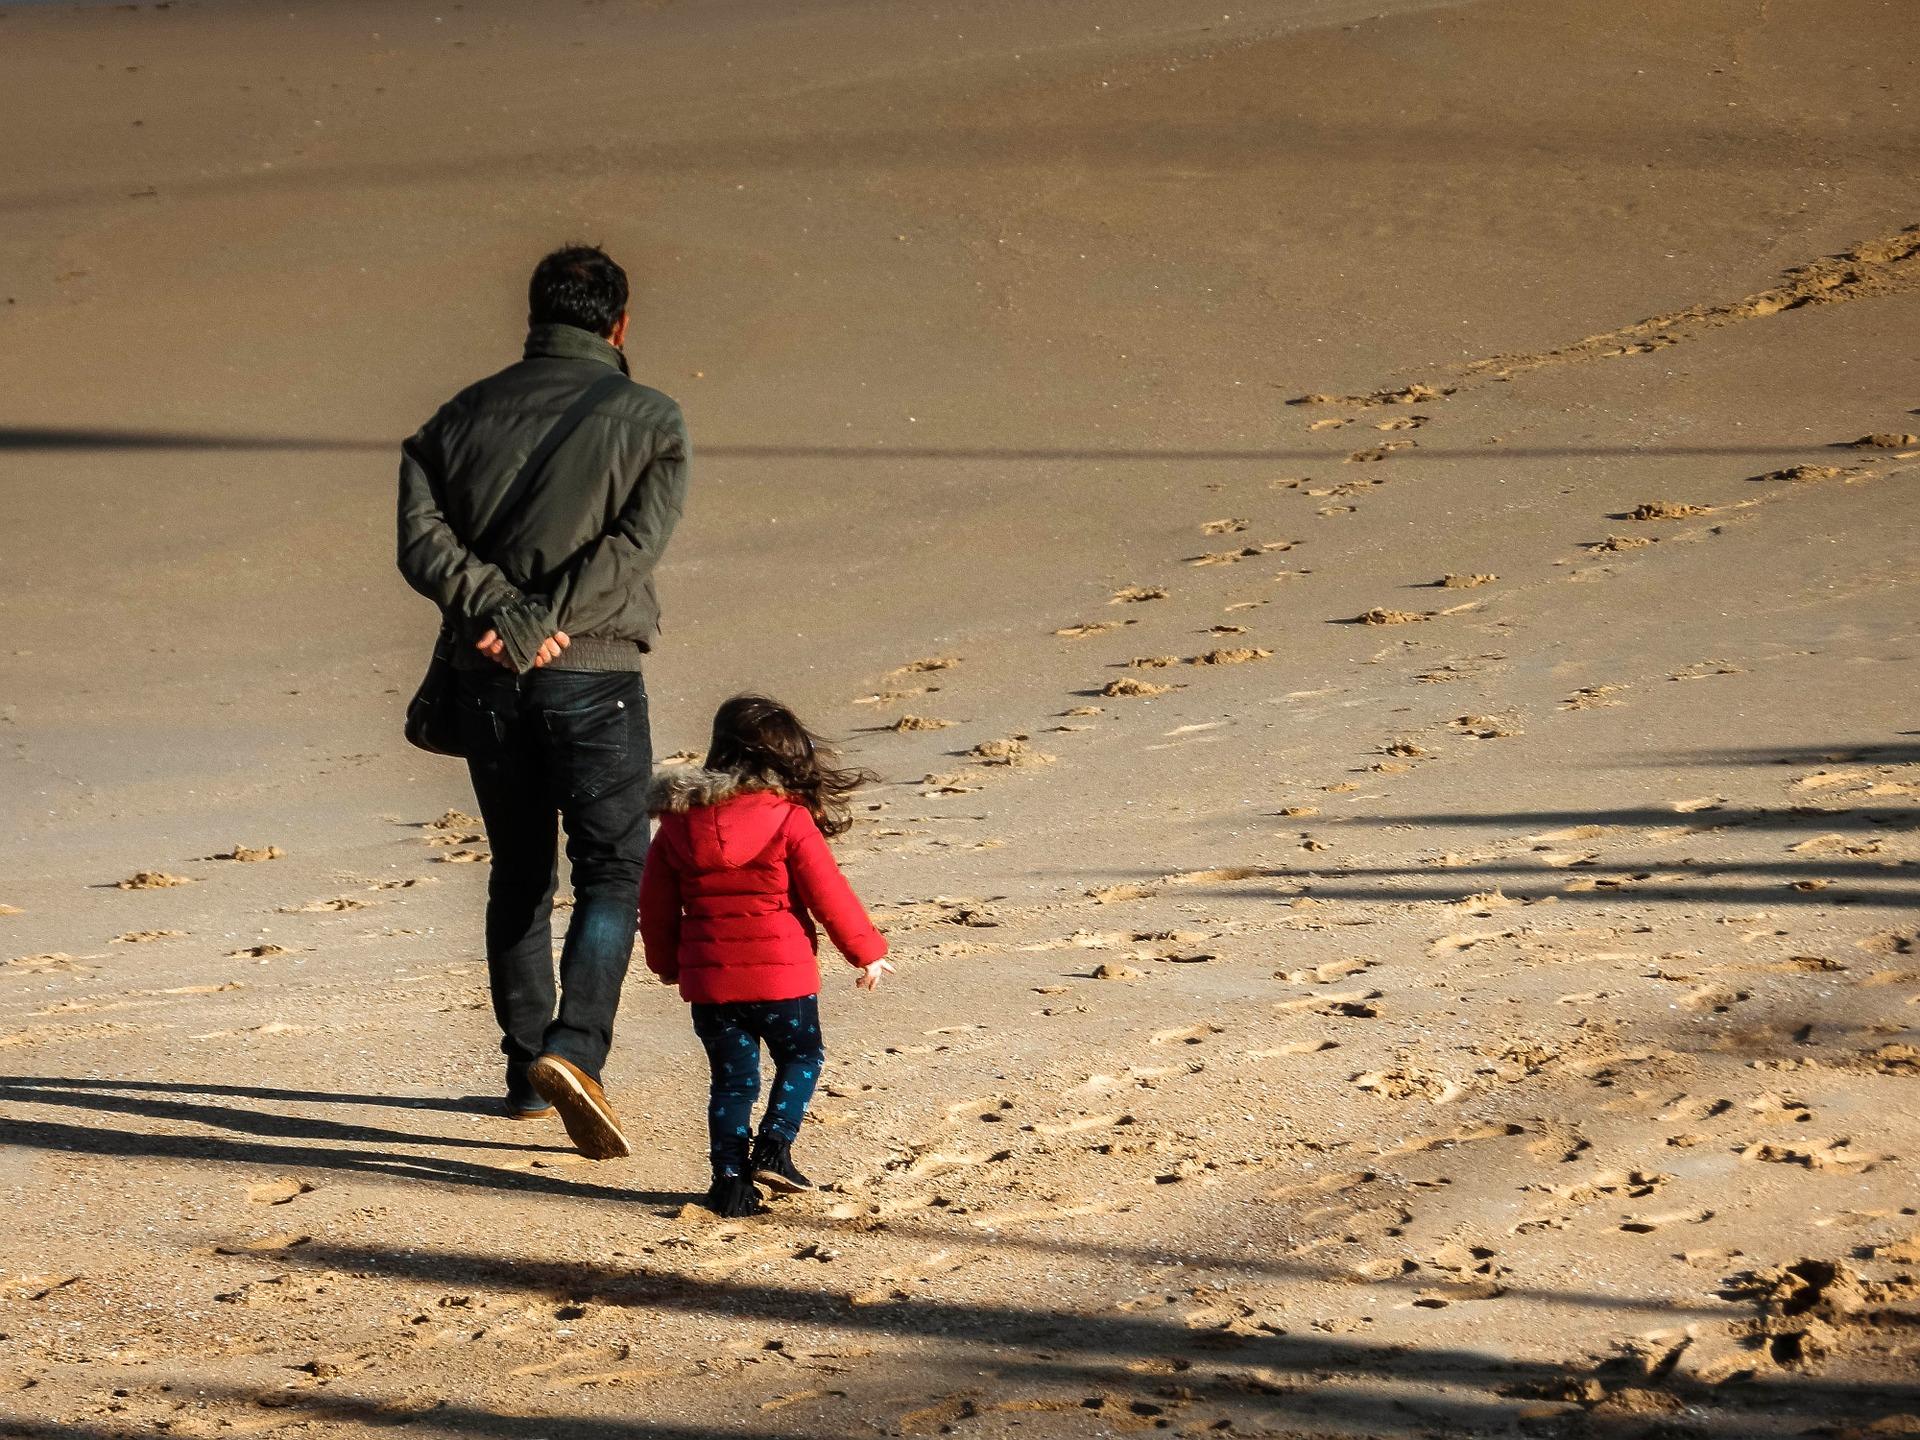 beach-1326656_1920.jpg